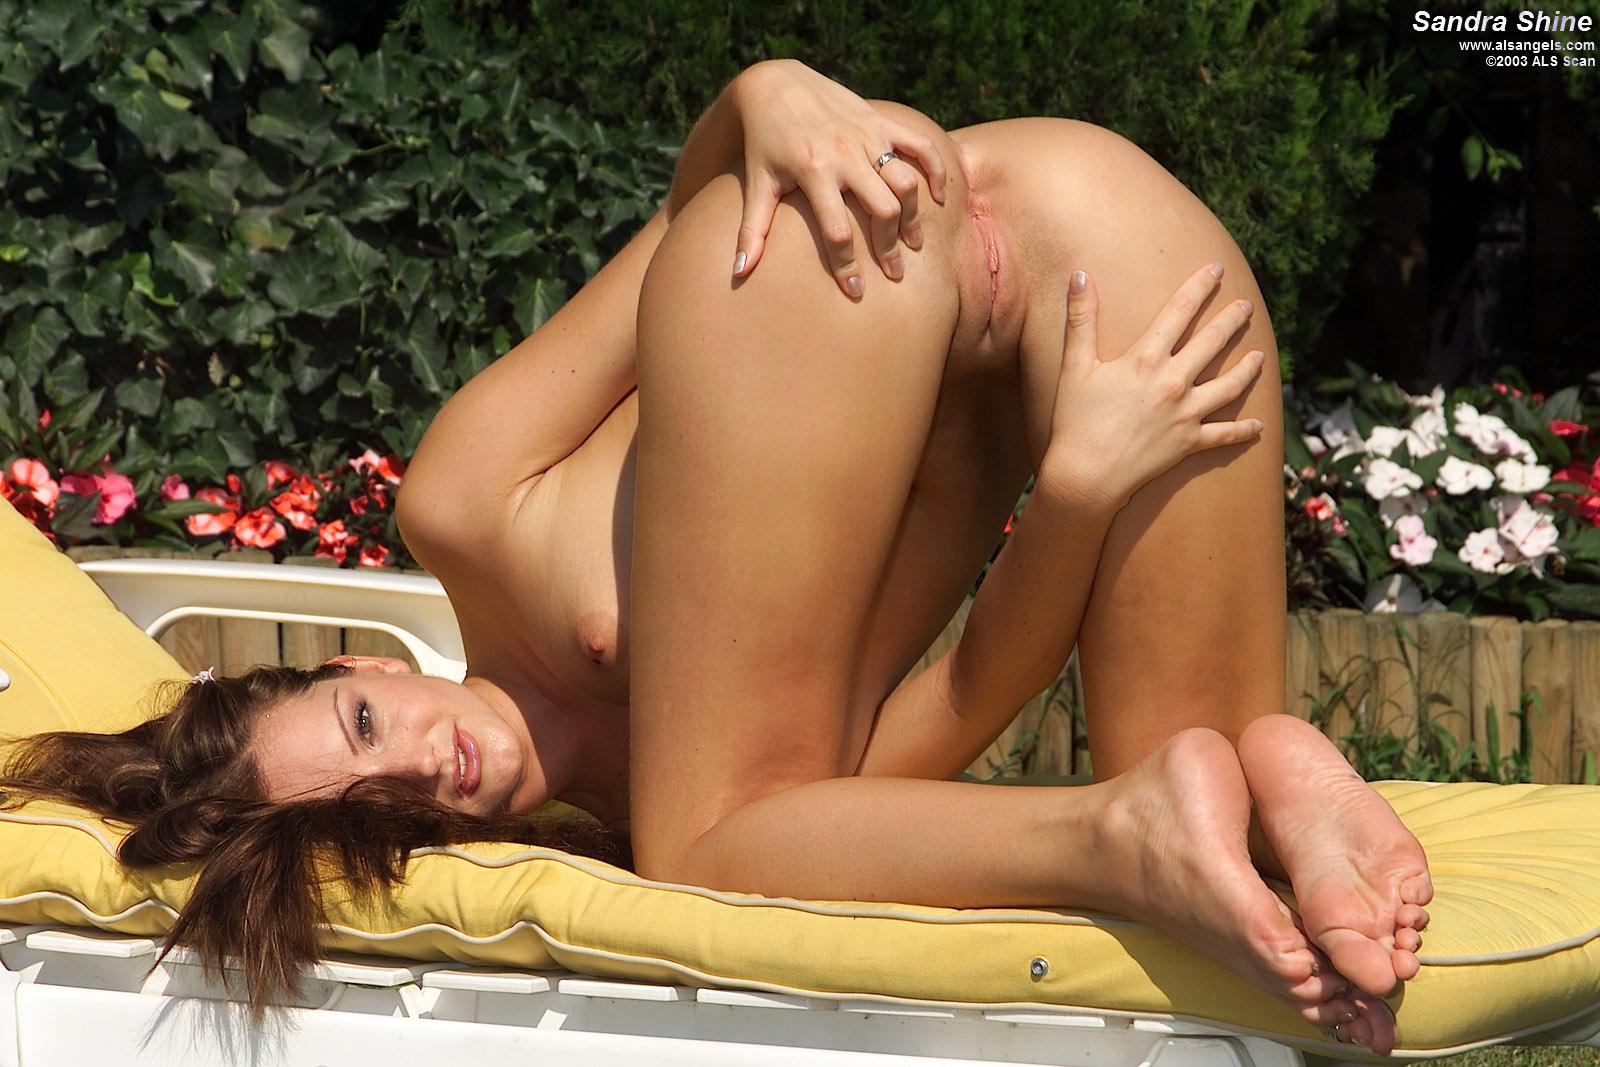 Nude sandra shine Sandra Shine